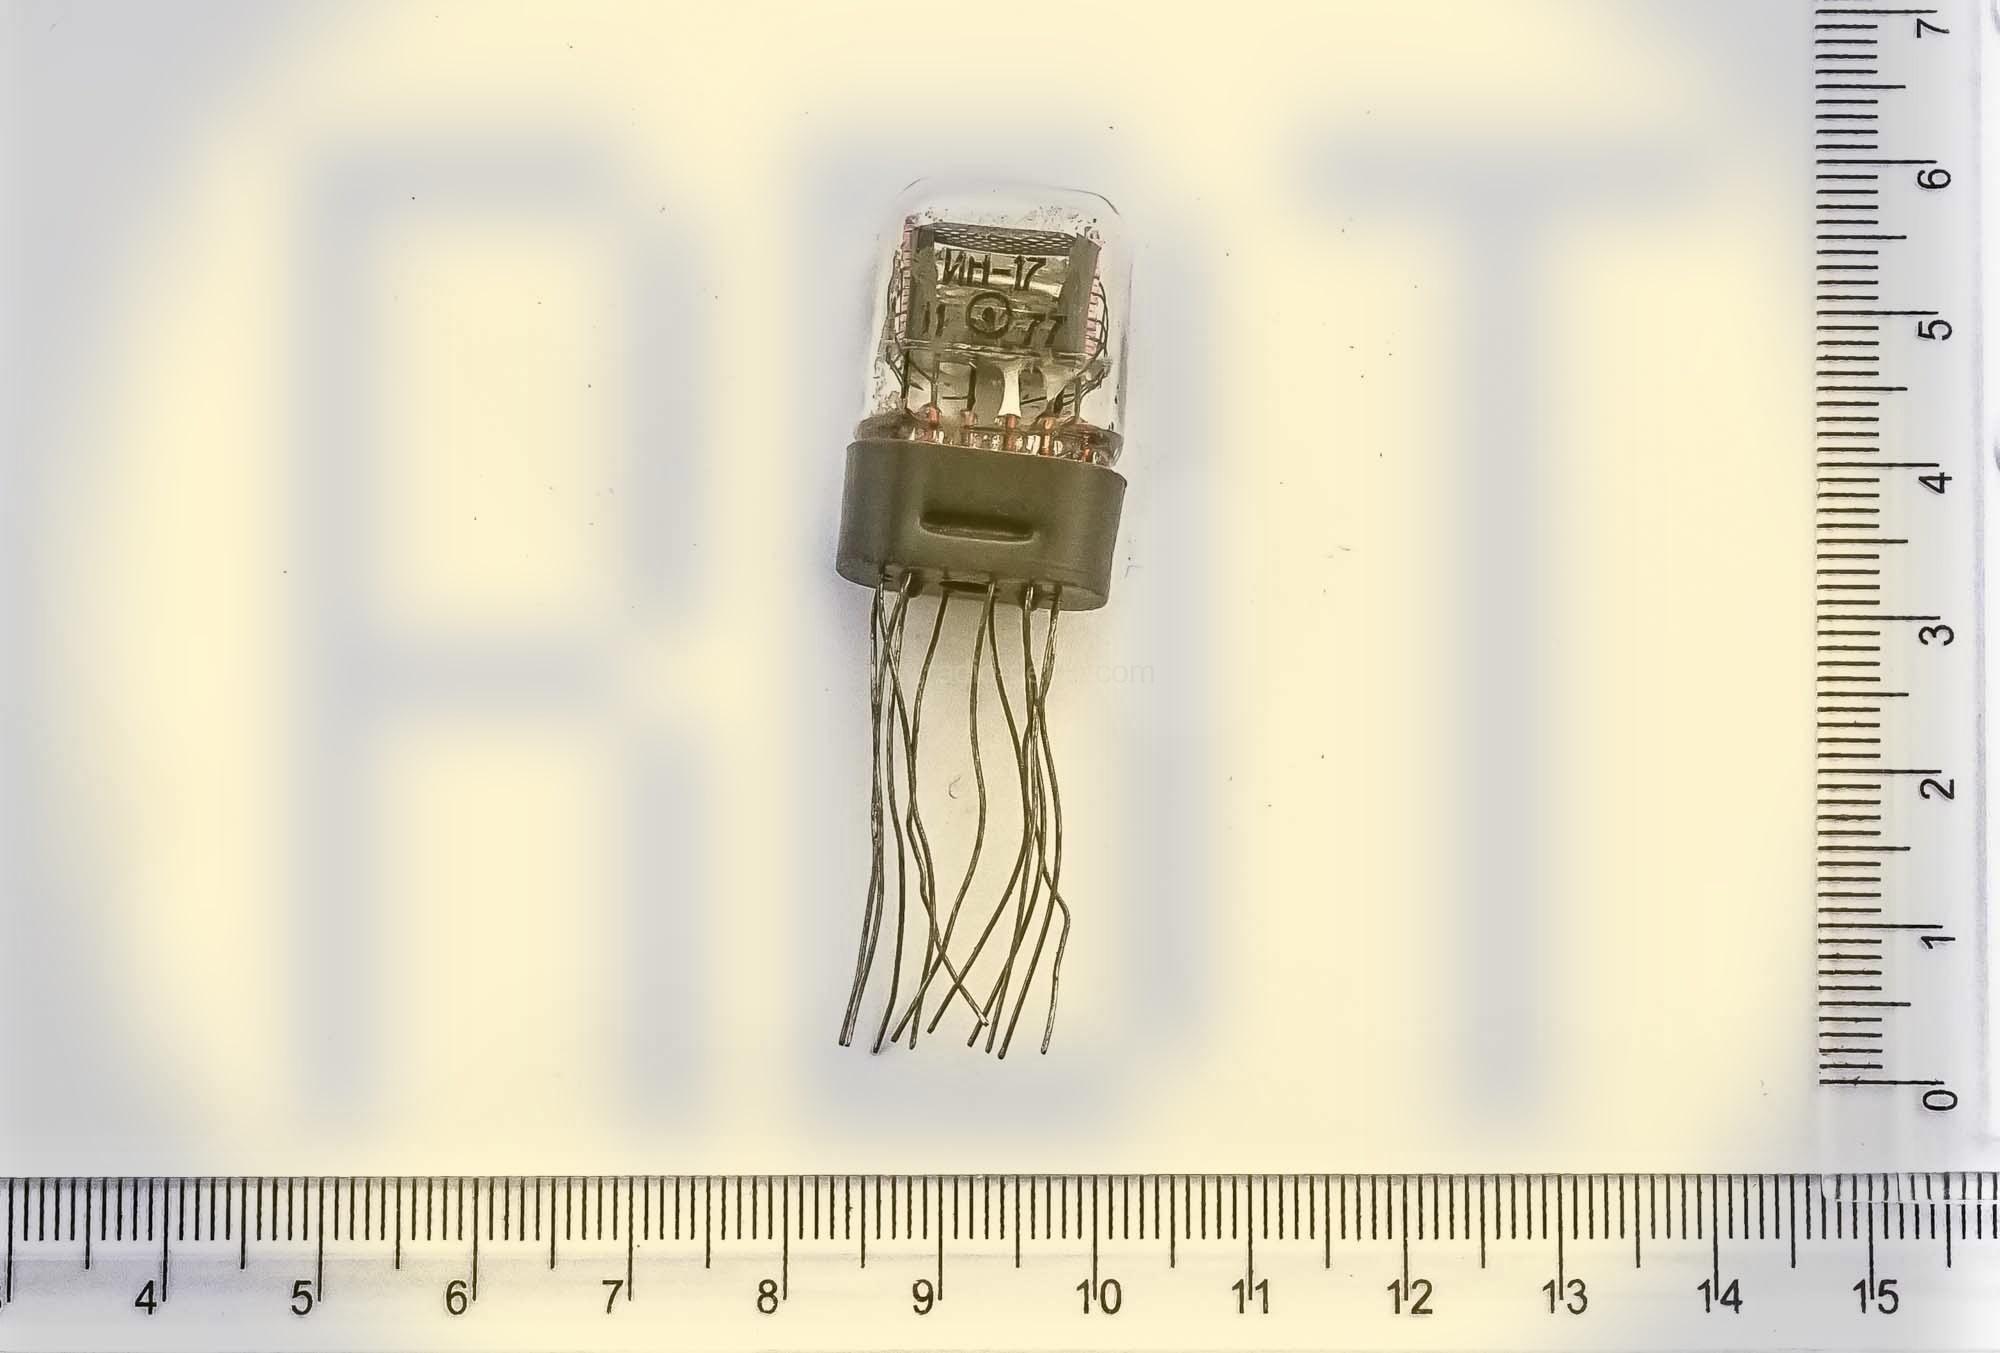 4. ИН-17